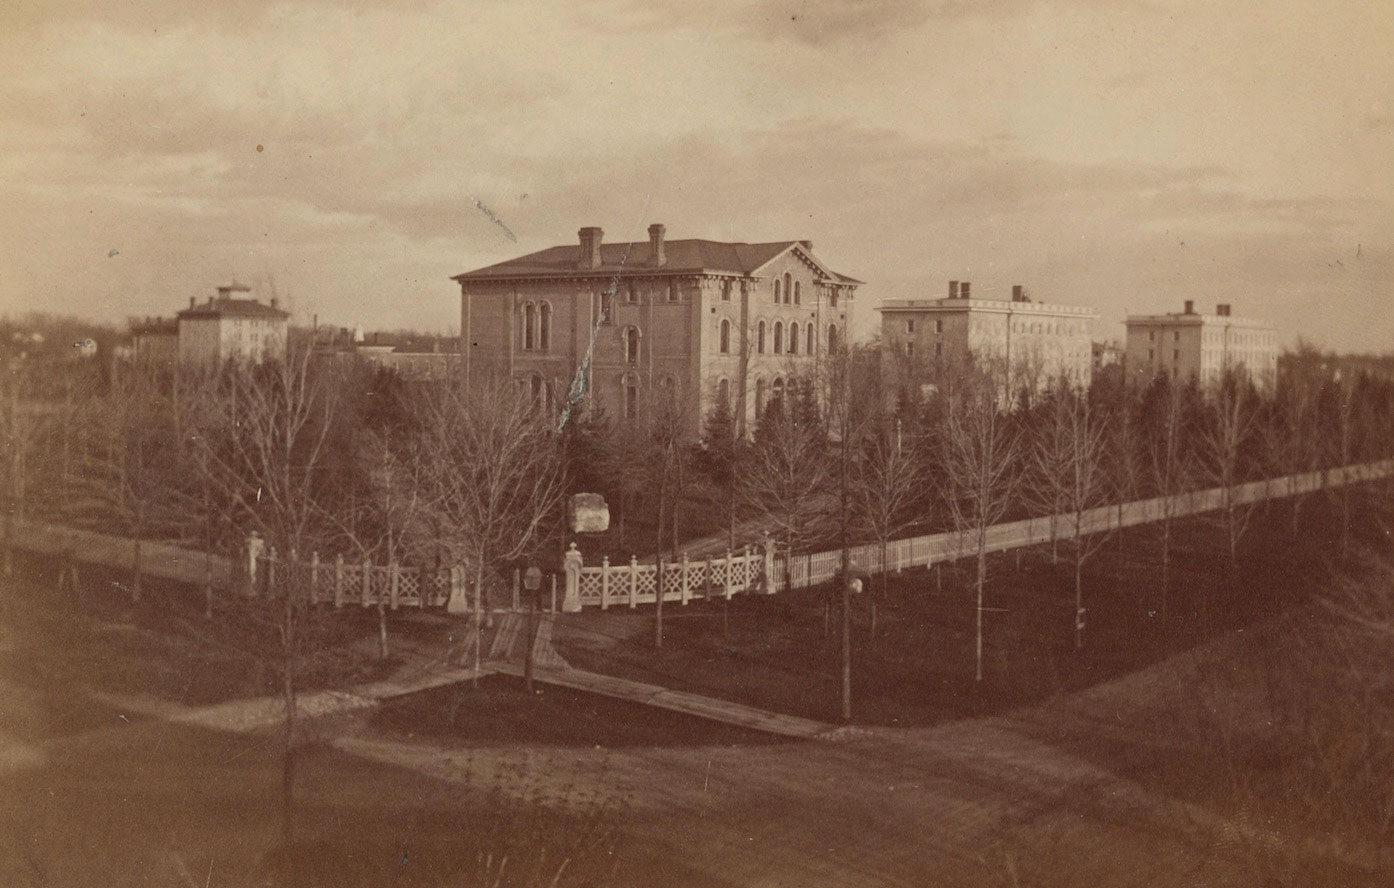 U-M Campus in 1860s